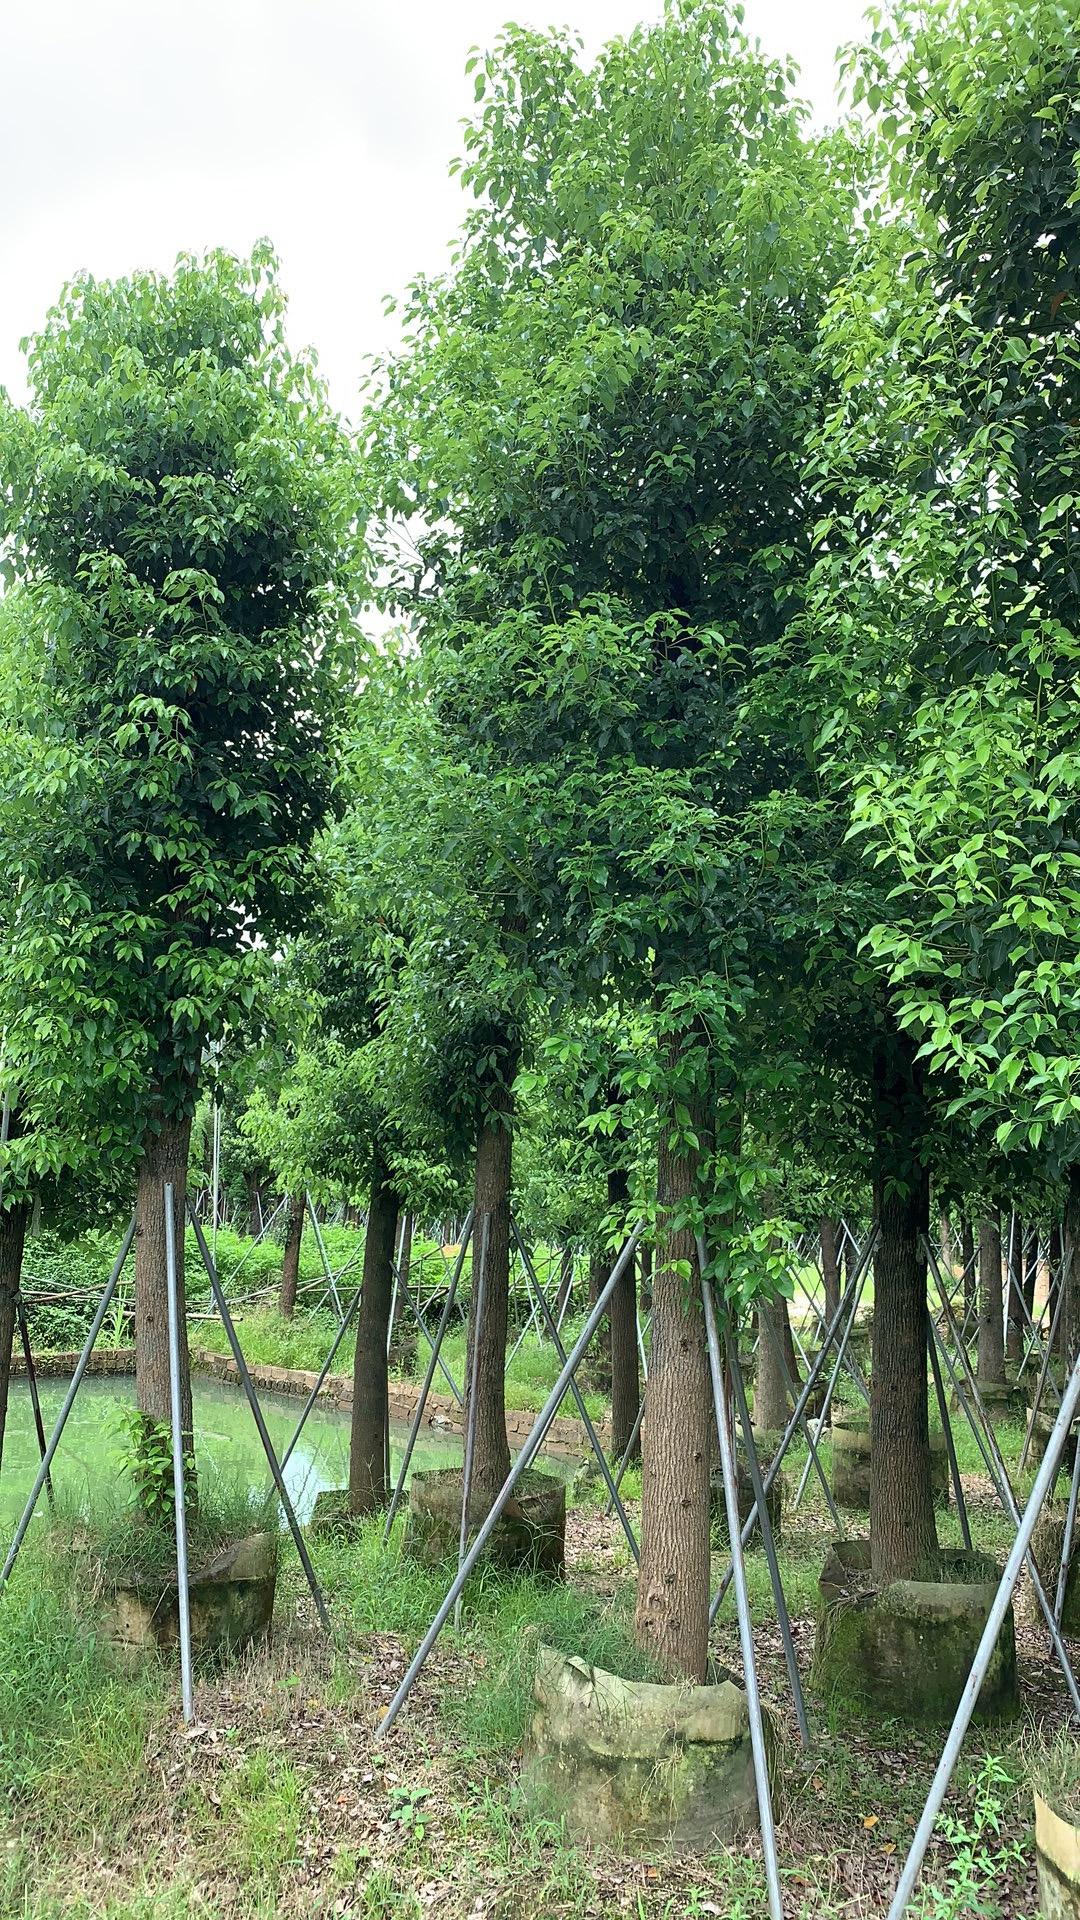 香樟树 香樟树基地 揭阳香樟树基地 普宁香樟树基地 福建香樟树基地 15公分香樟树 10公分香樟树